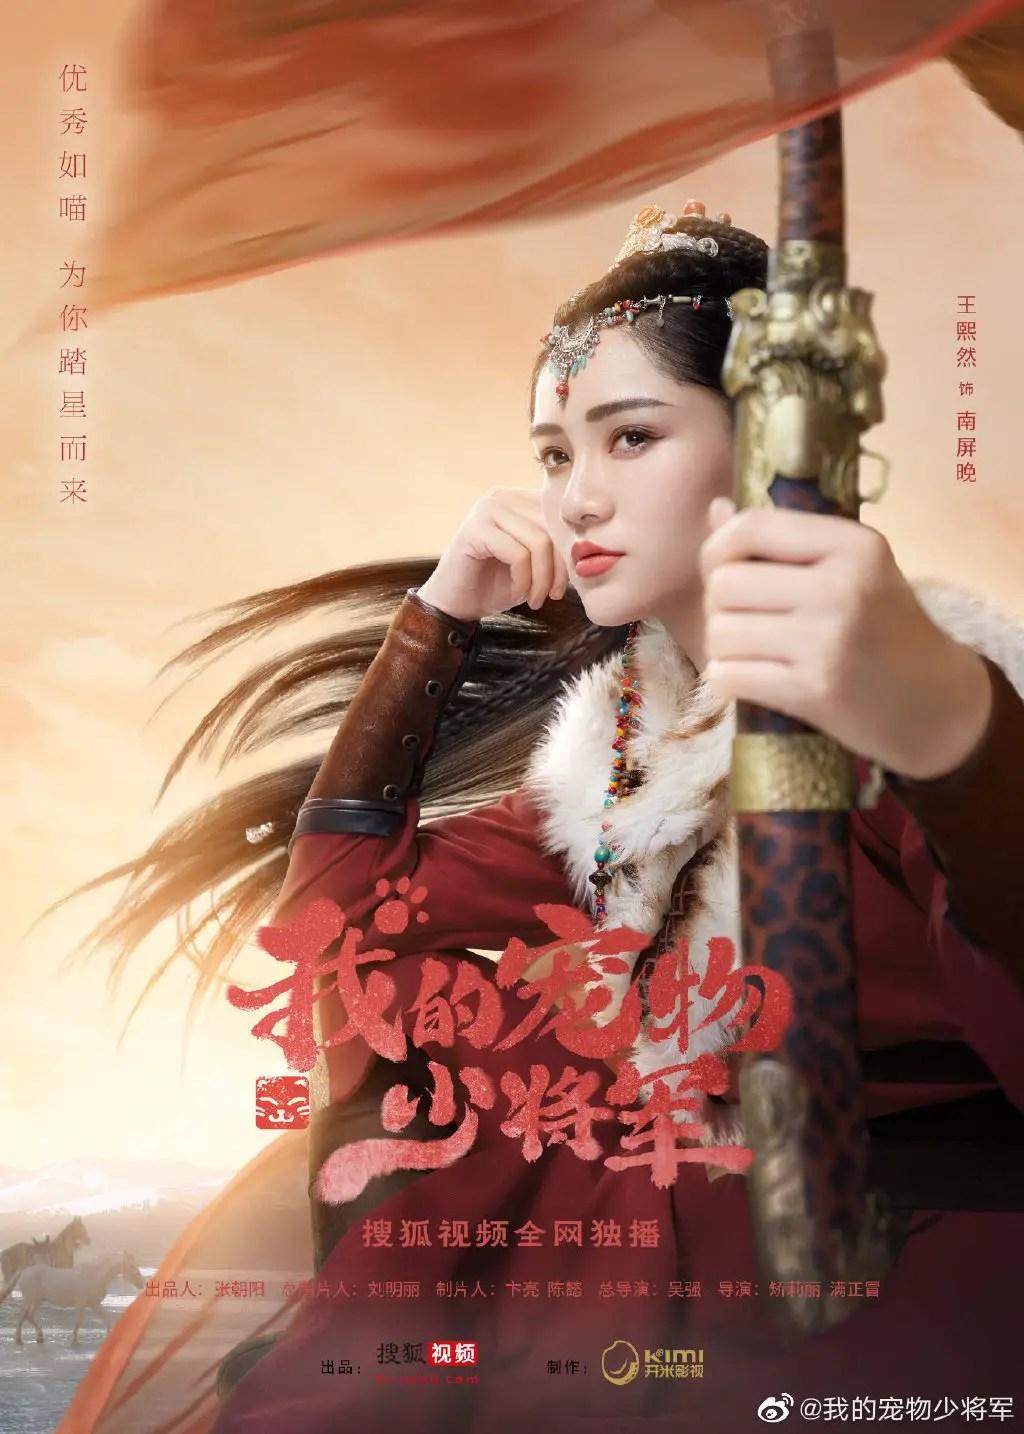 Wang Xi Ran